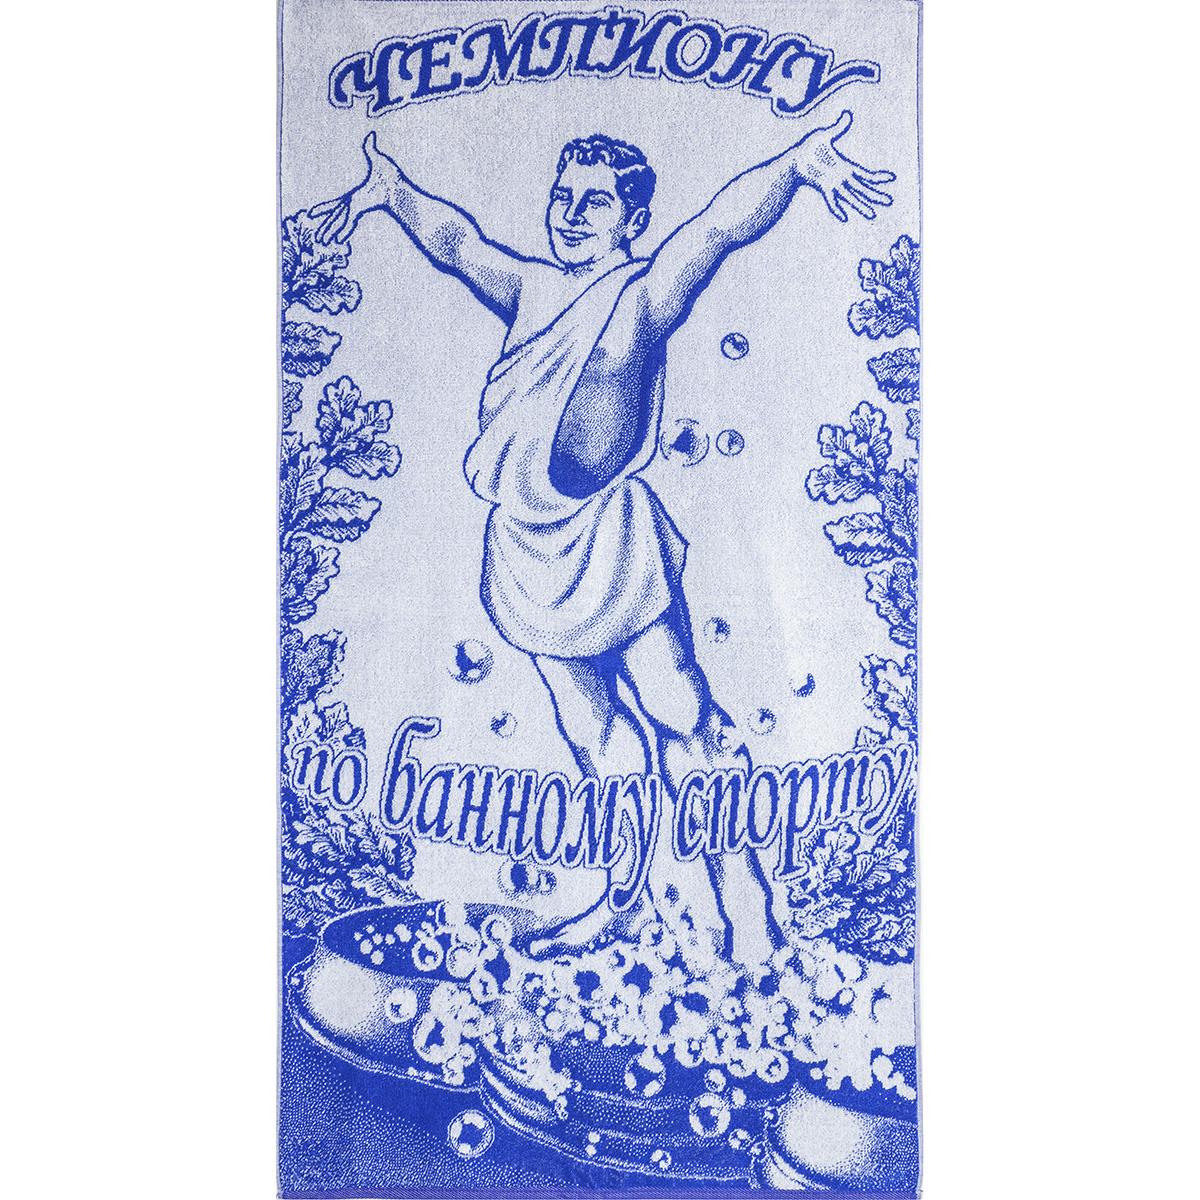 Полотенце Чемпиону, размер 70х140 см.Махровые полотенца<br>Плотность ткани: 420 г/кв. м<br><br>Тип: Полотенце<br>Размер: 70х140<br>Материал: Махра